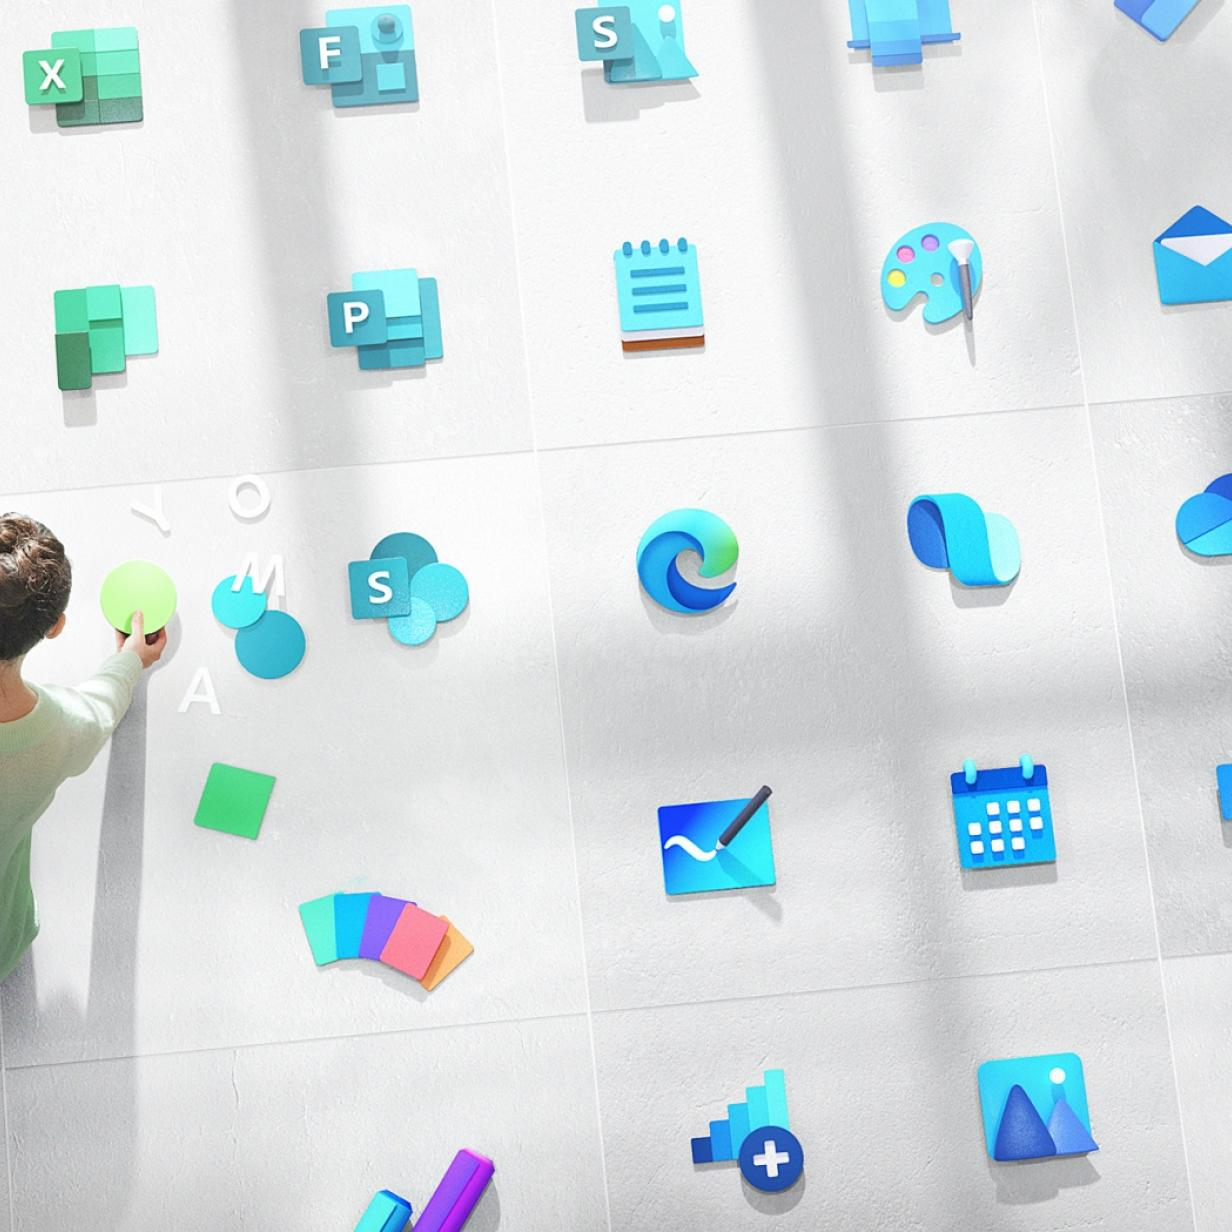 Microsoft arbeitet an über 100 neuen Icon-Designs